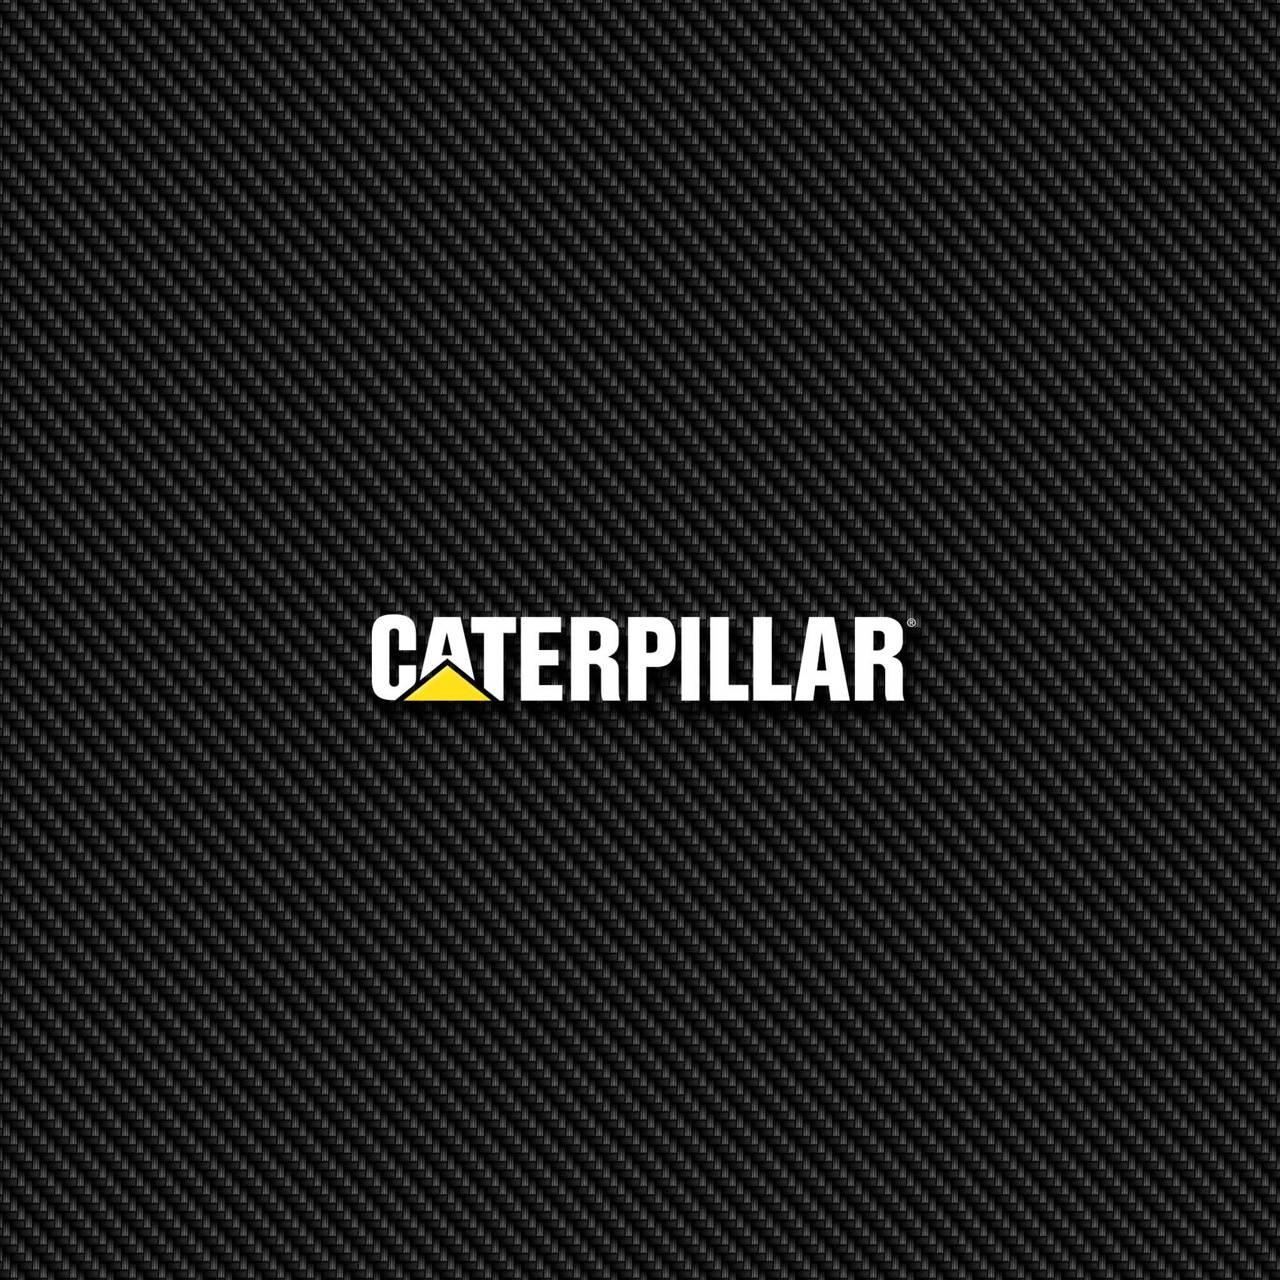 Caterpillar Carbon 2